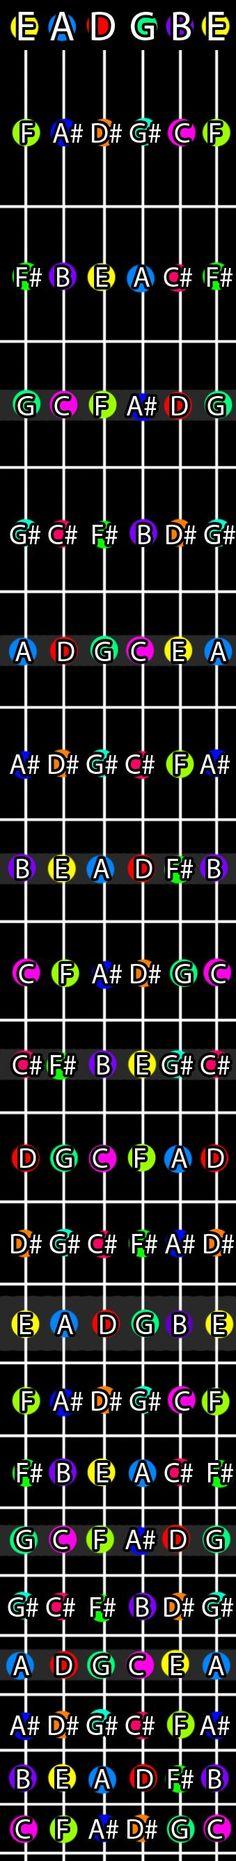 eb3c0703133ff875ddaa08f3bb63d0fc.jpg 339×2.674 pixels